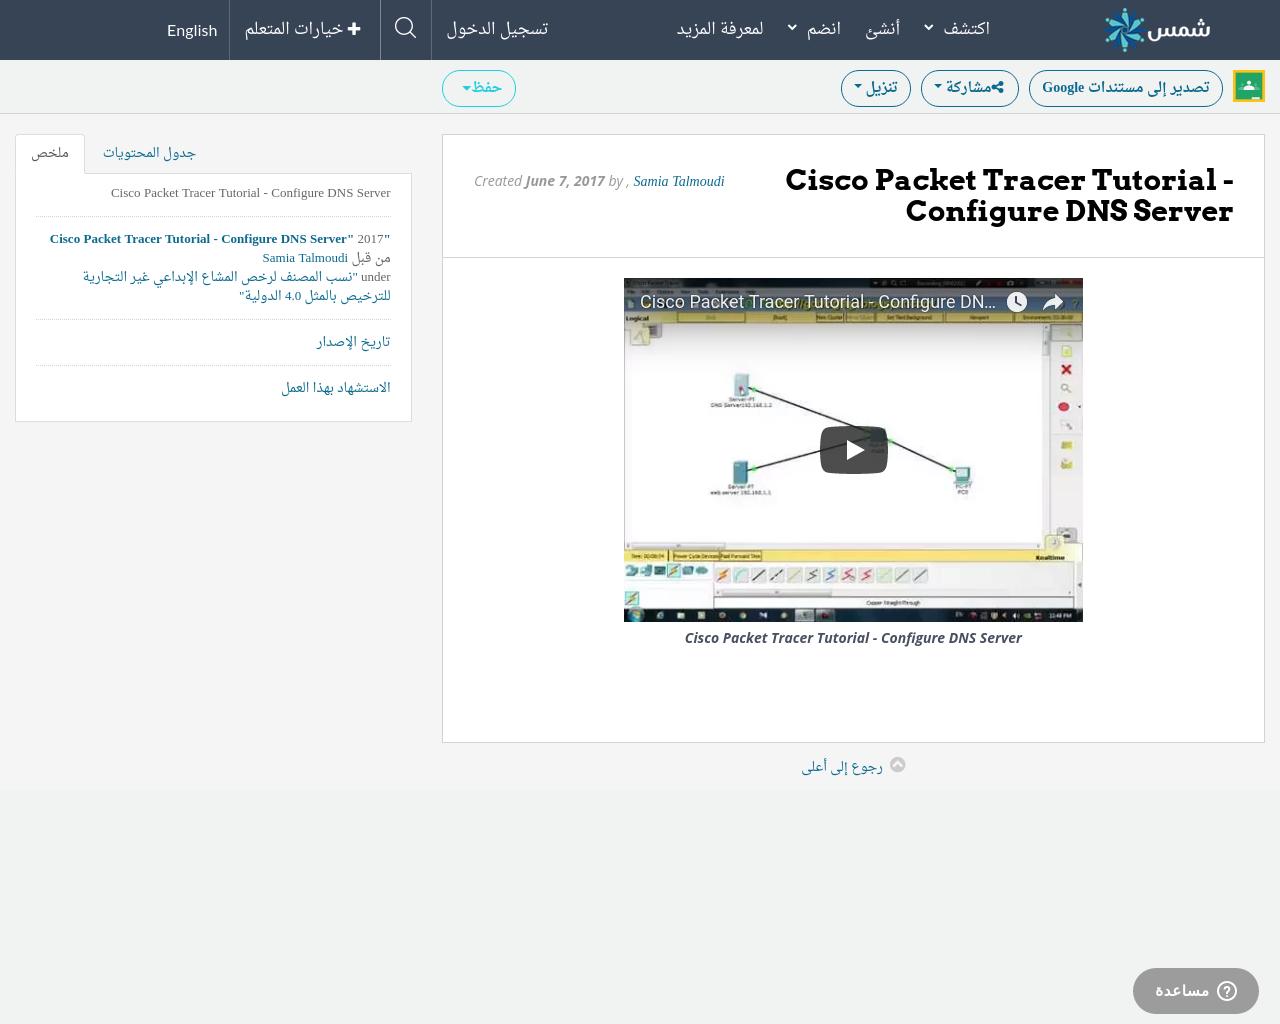 Cisco Packet Tracer Tutorial - Configure DNS Server | SHMS